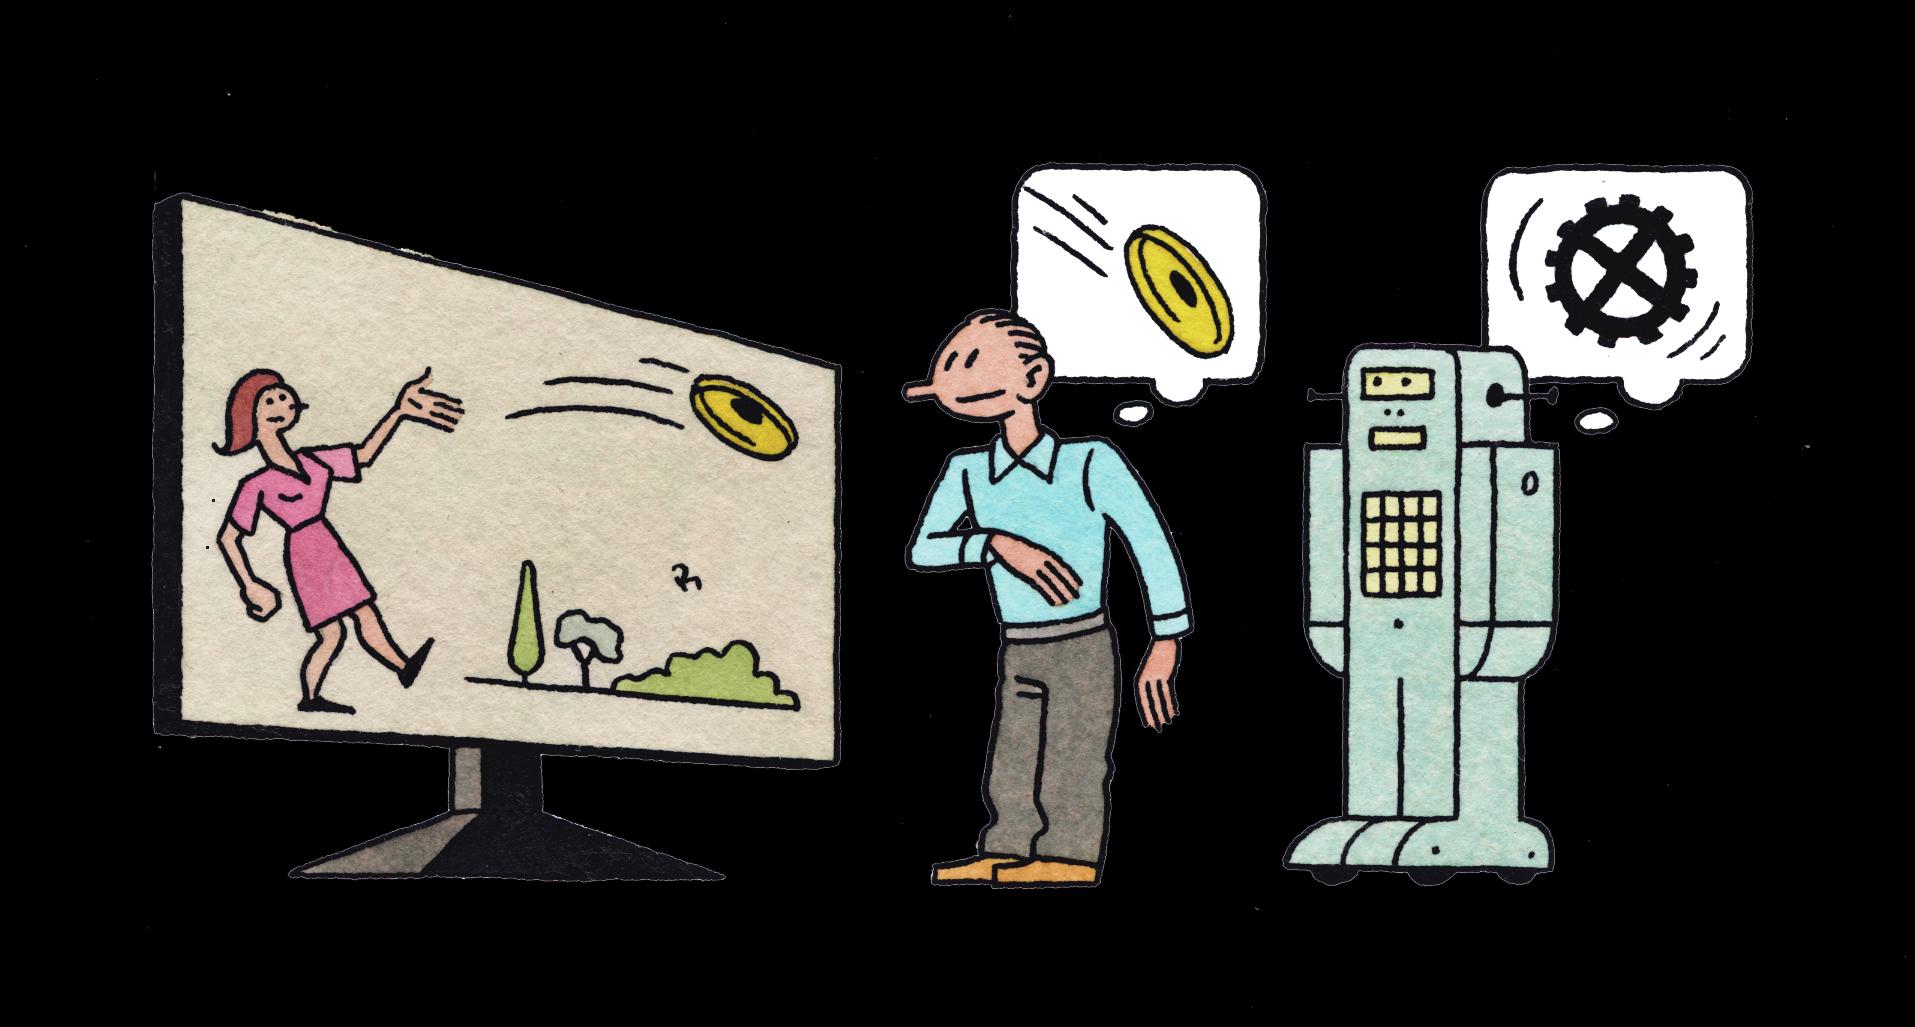 シンギュラリティは来ない —AIの未来予想でよくある 7つの勘違い